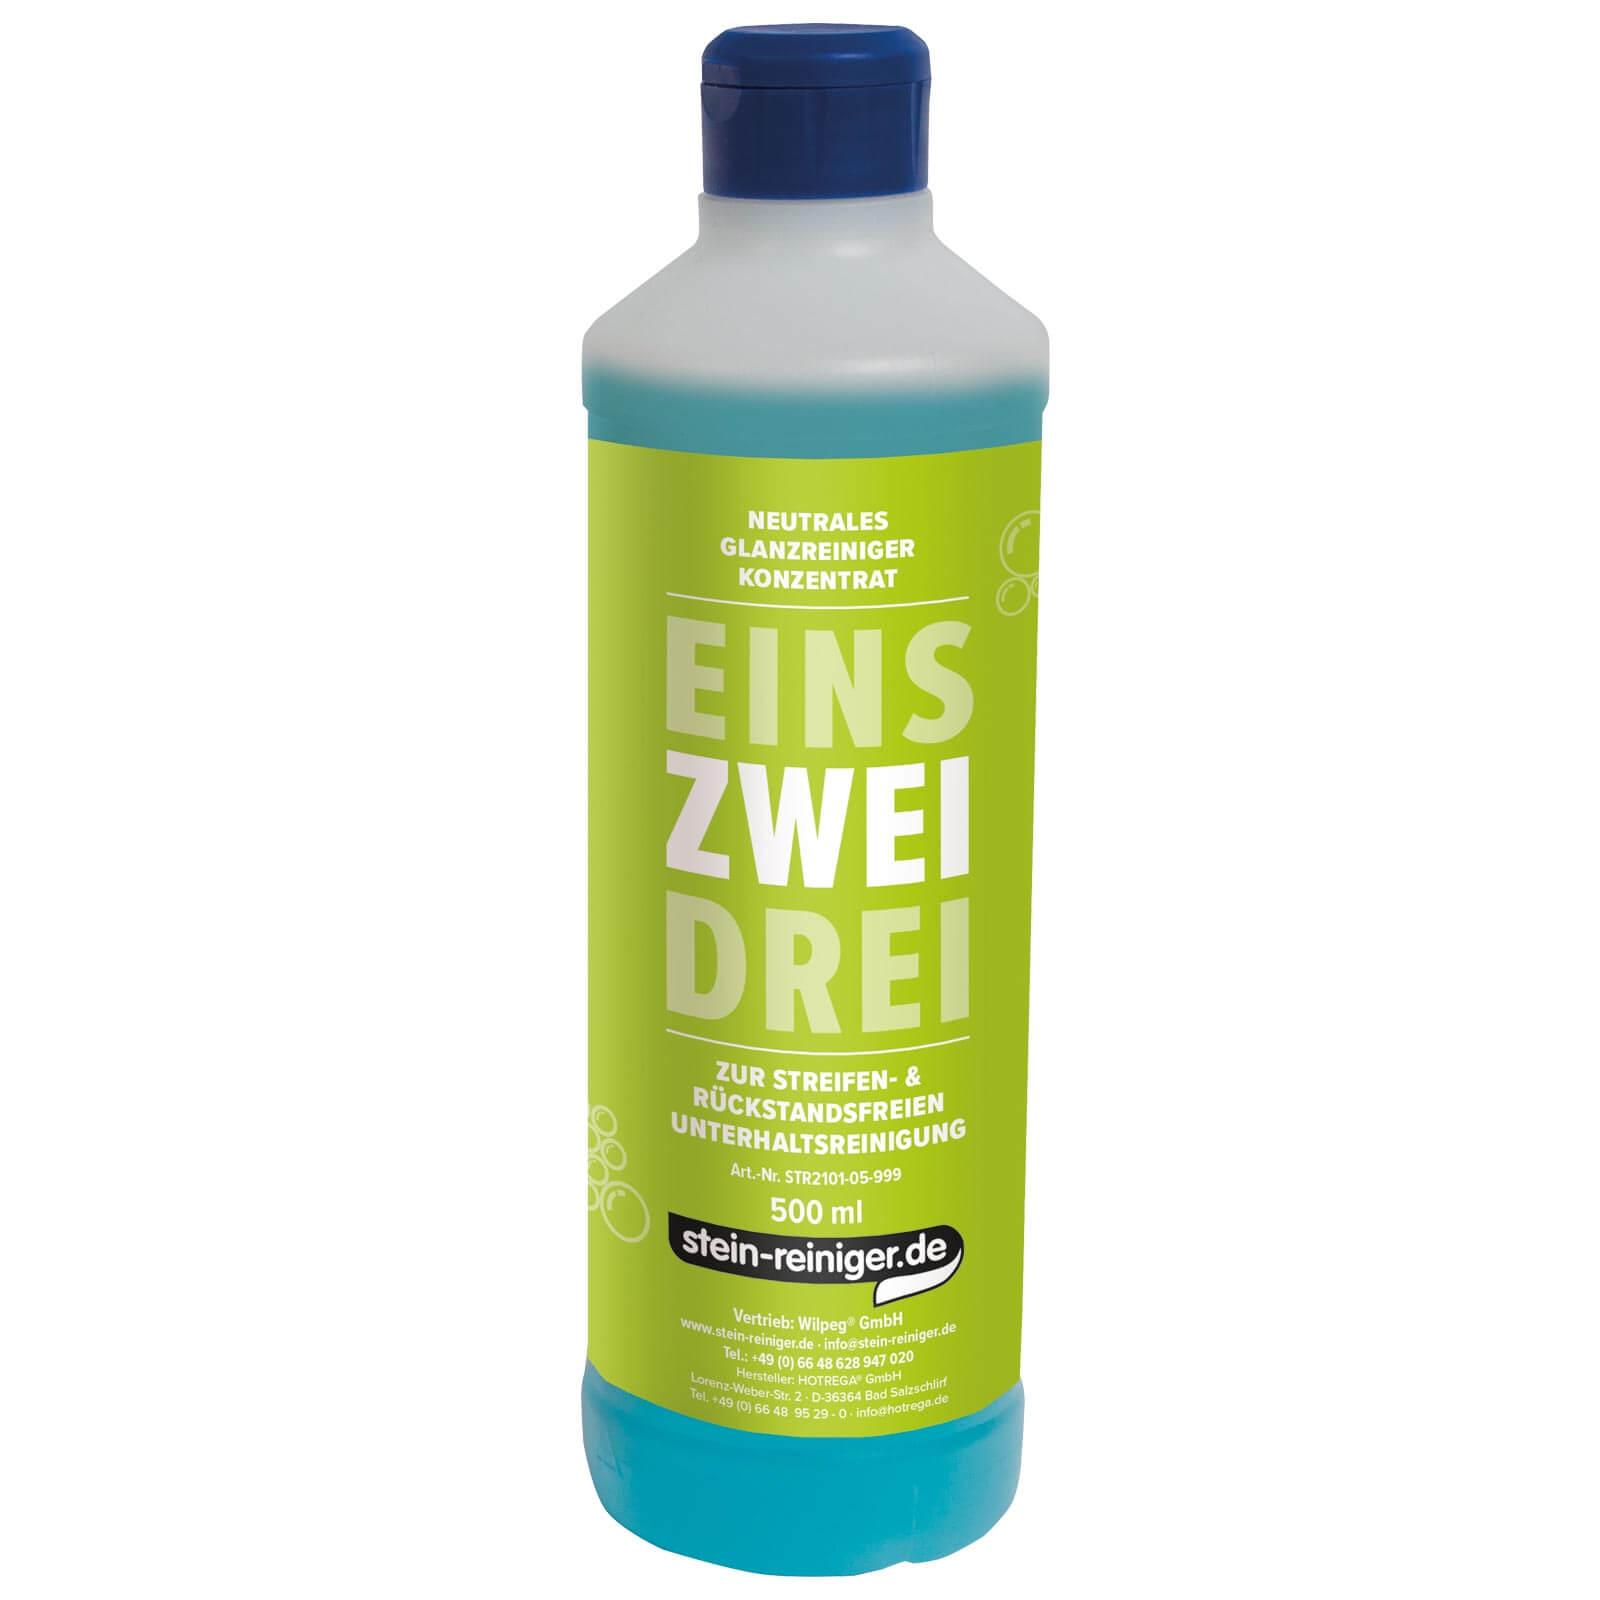 ZWEI - Neutraler Reiniger 500 ml Konzentrat entfernt alltäglichen Schmutz auf Böden aller Art, Glas, Fliesen uvm.